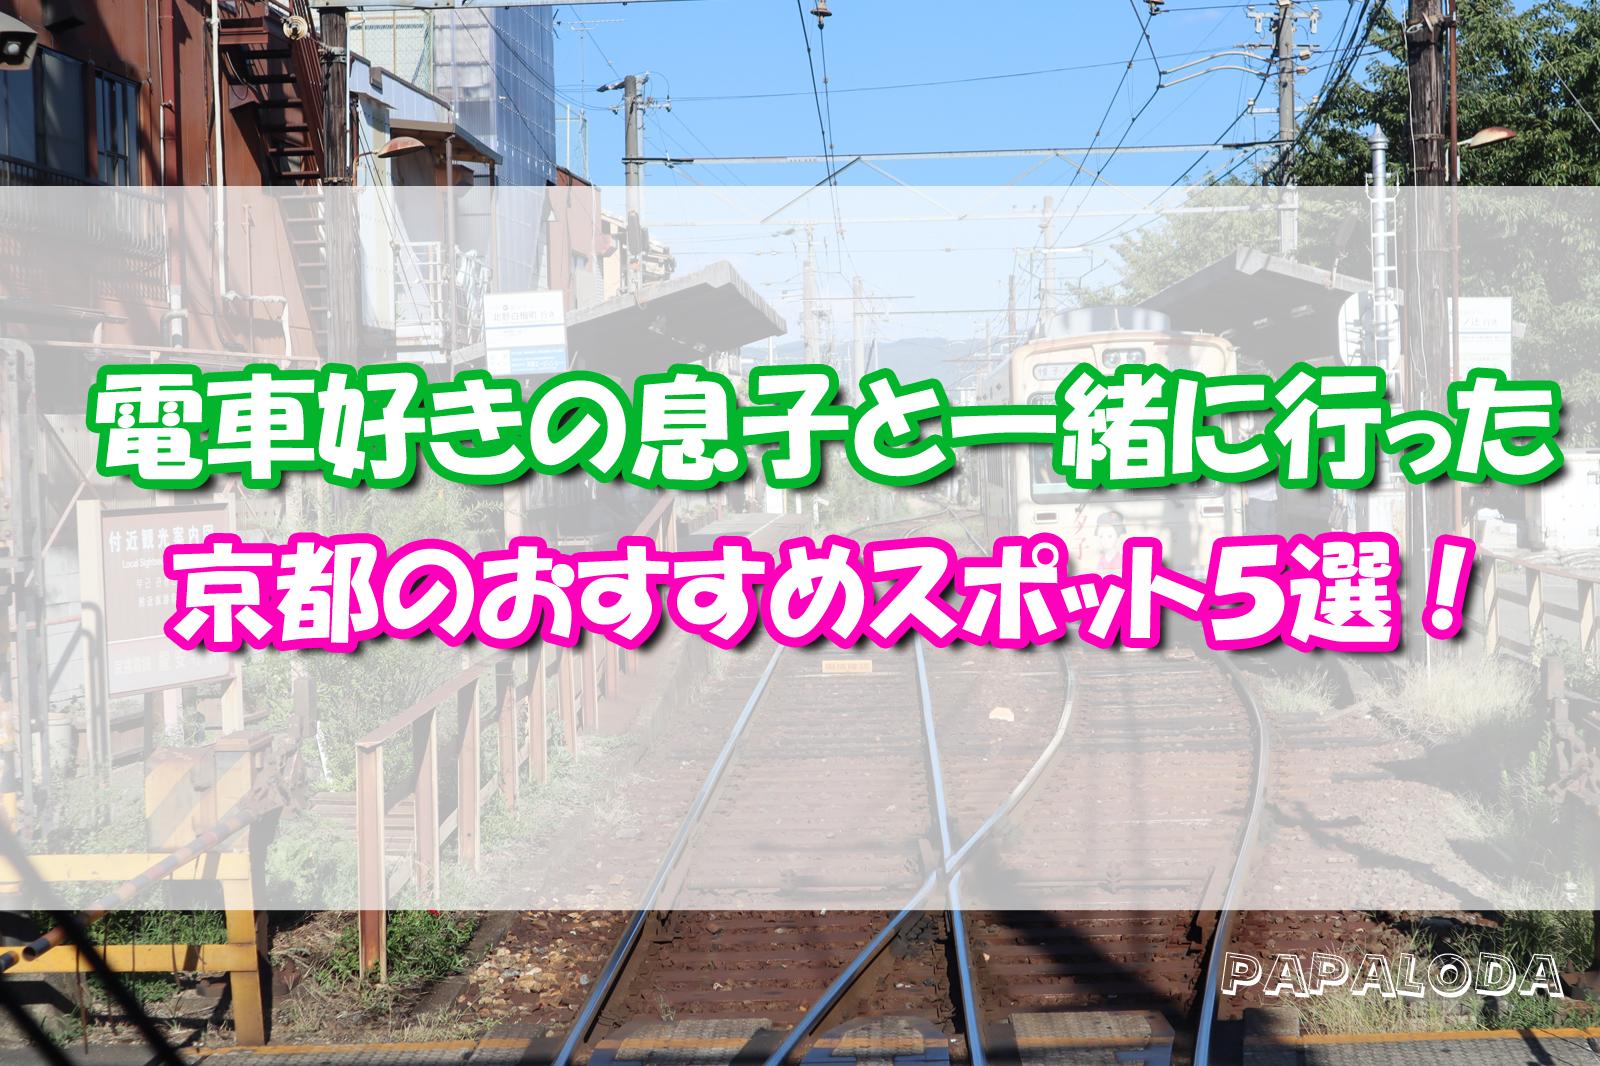 電車スポット京都5選